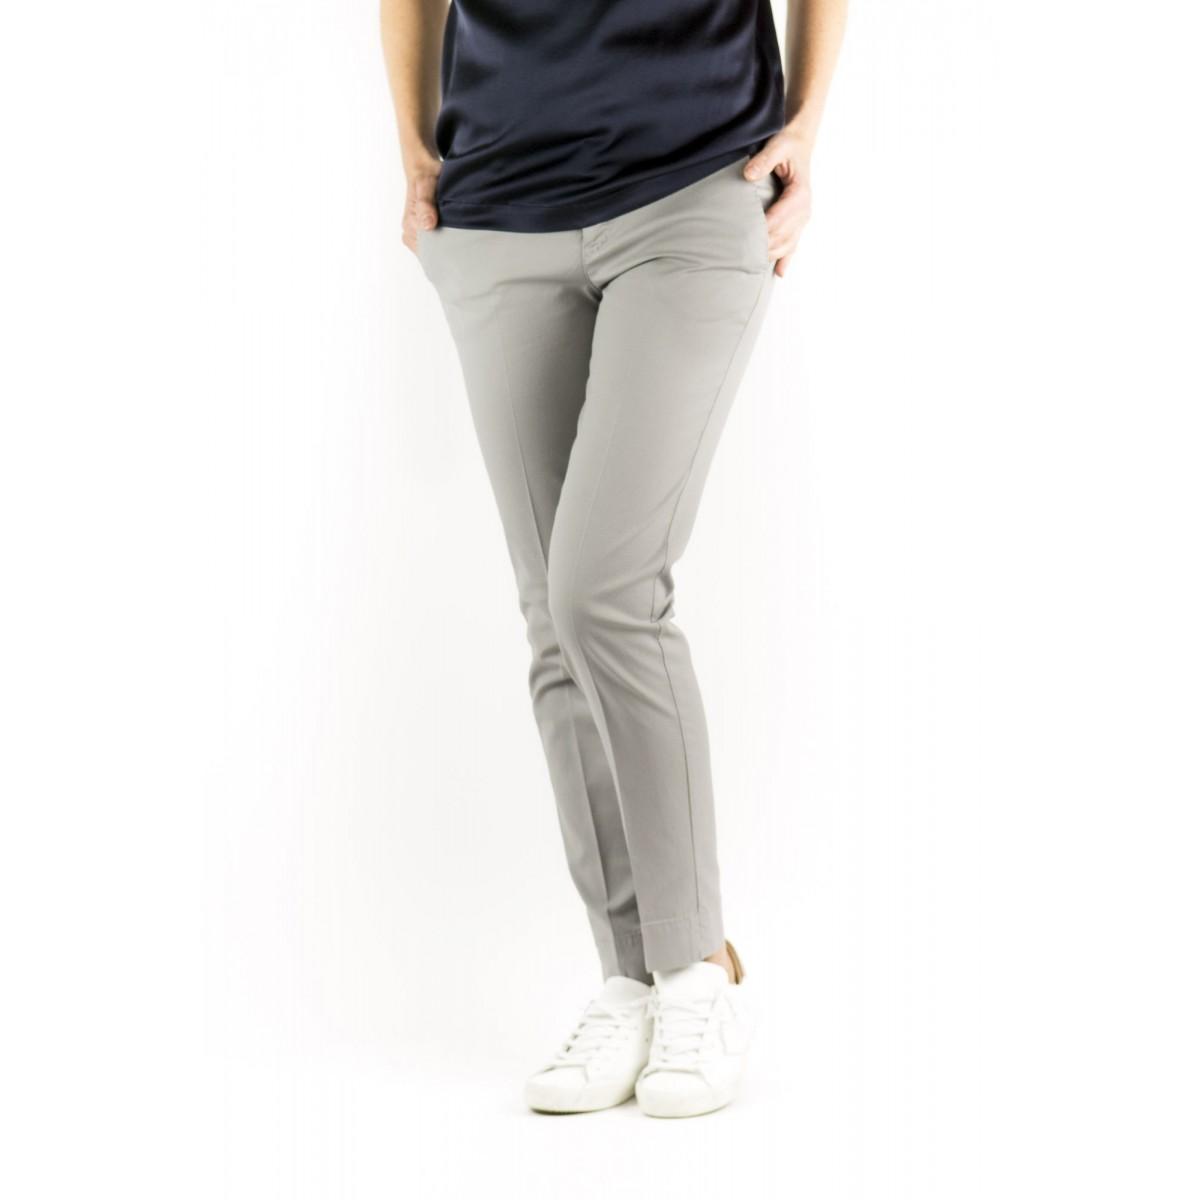 Pantalone donna Pt0w - Vtny ts63 piquet cotone strech 0220 - grigio